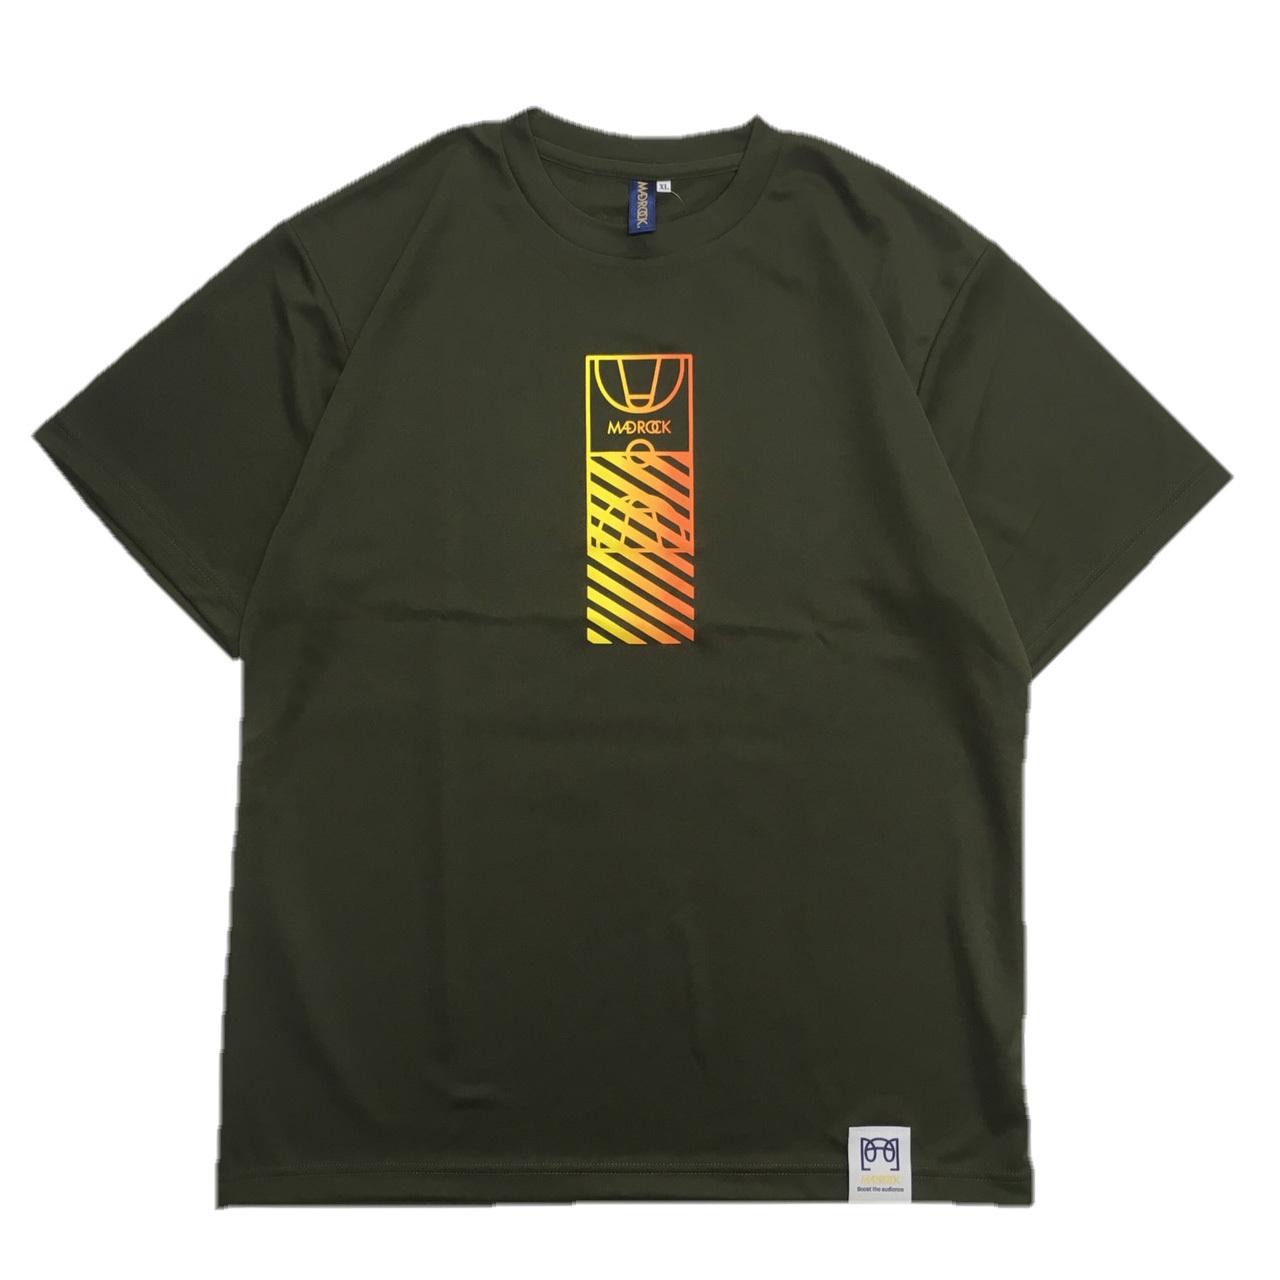 マッドロック / コートグラデーションTシャツ / ドライタイプ / アーミーグリーン